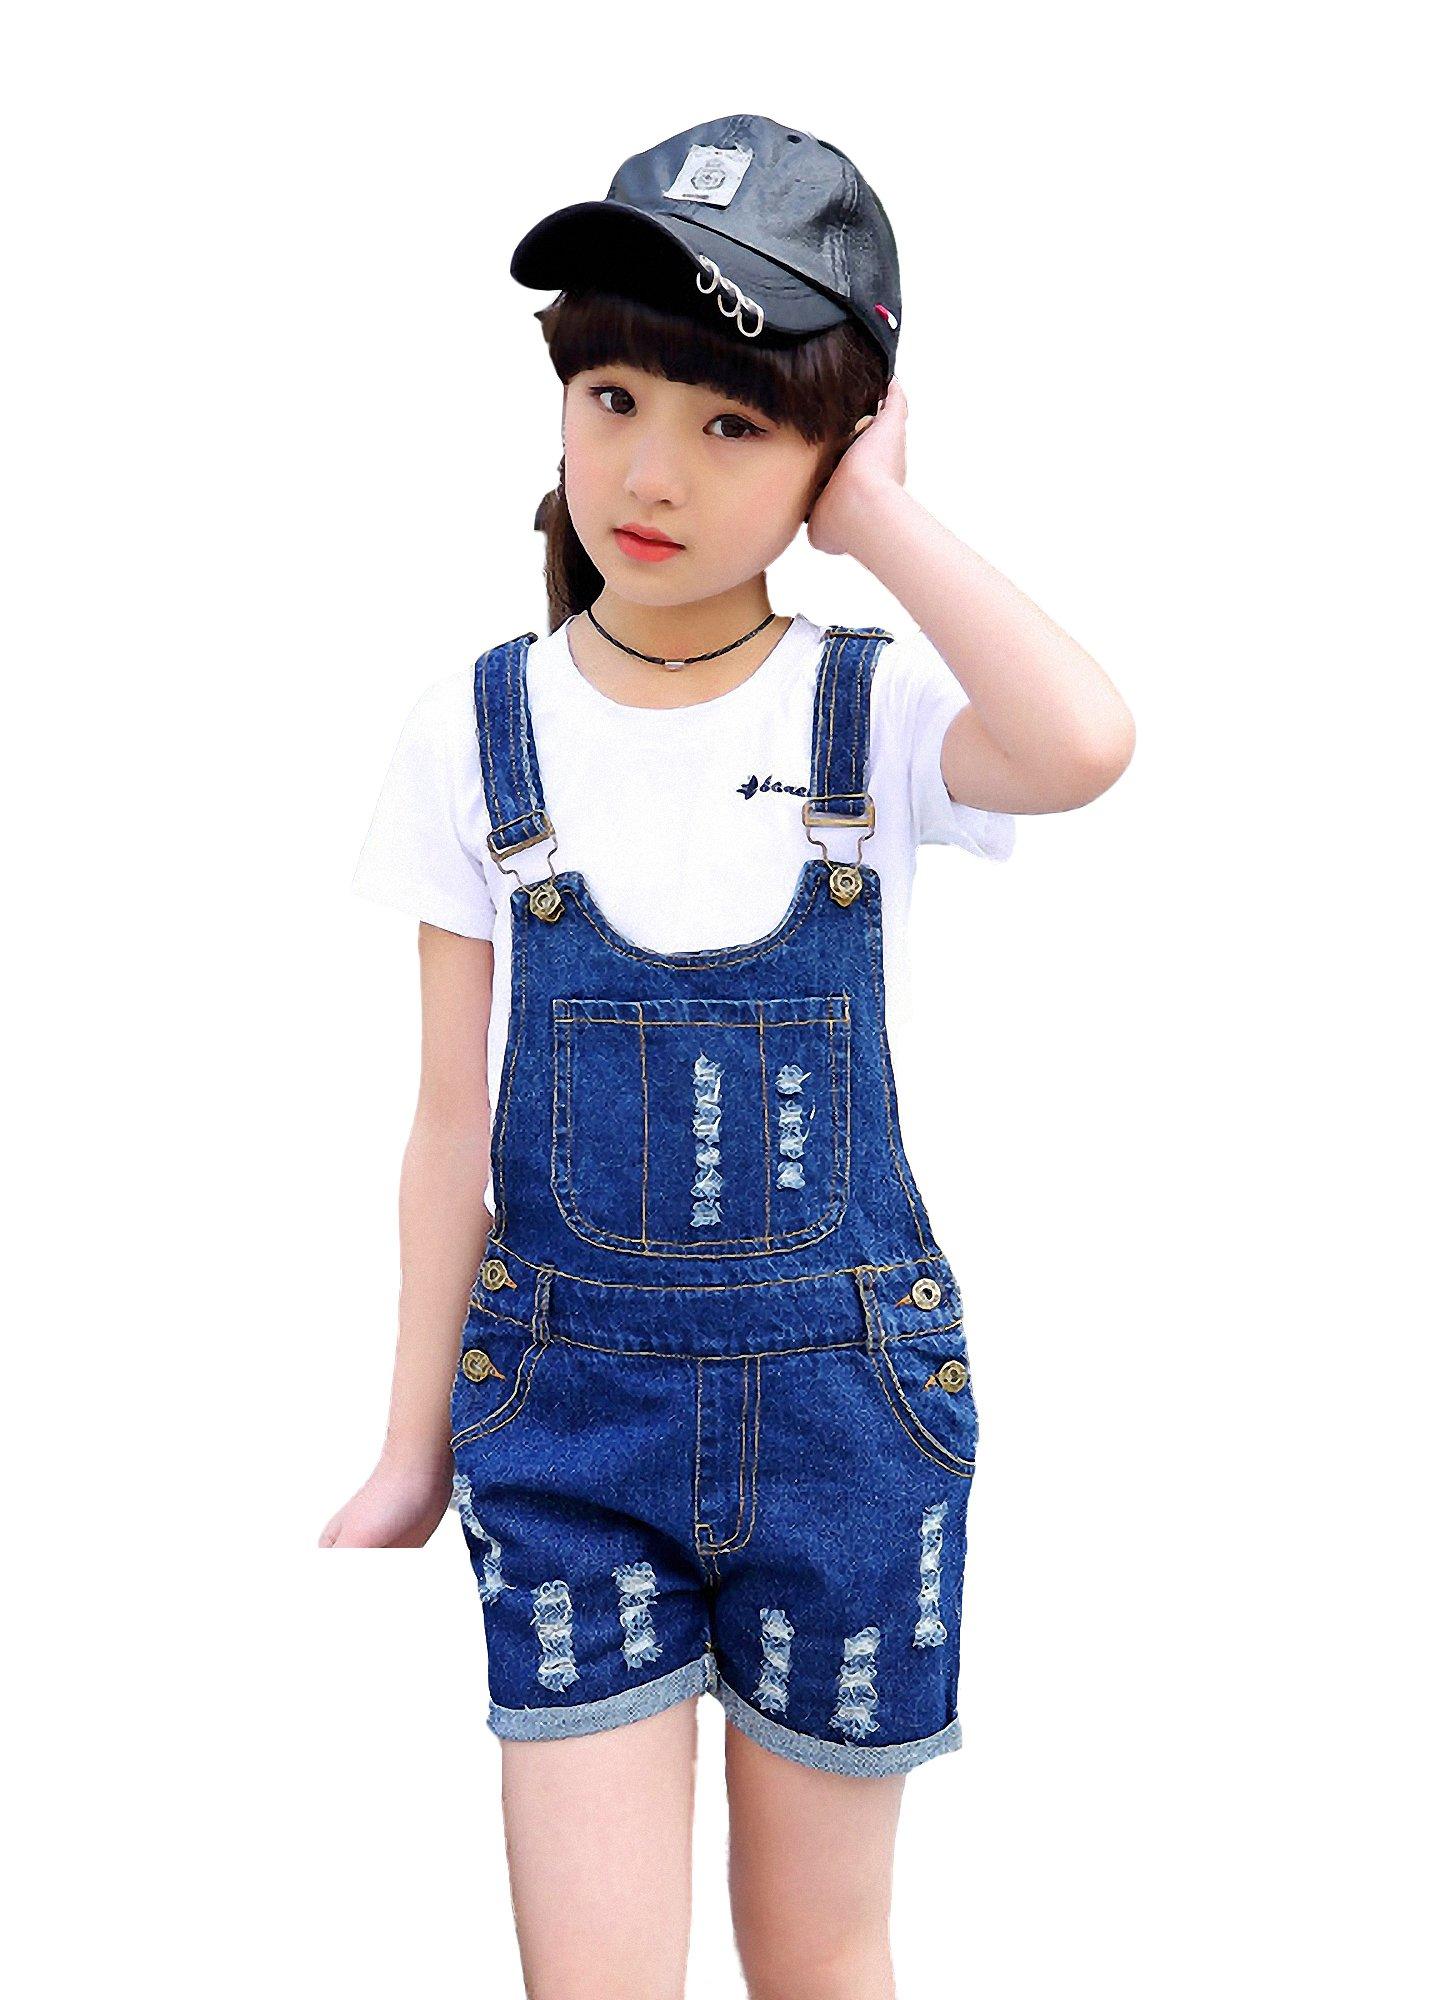 Kidscool Girls Classic Big Bib Ripped Holes Jeans Shortalls,Blue,10-11 Years